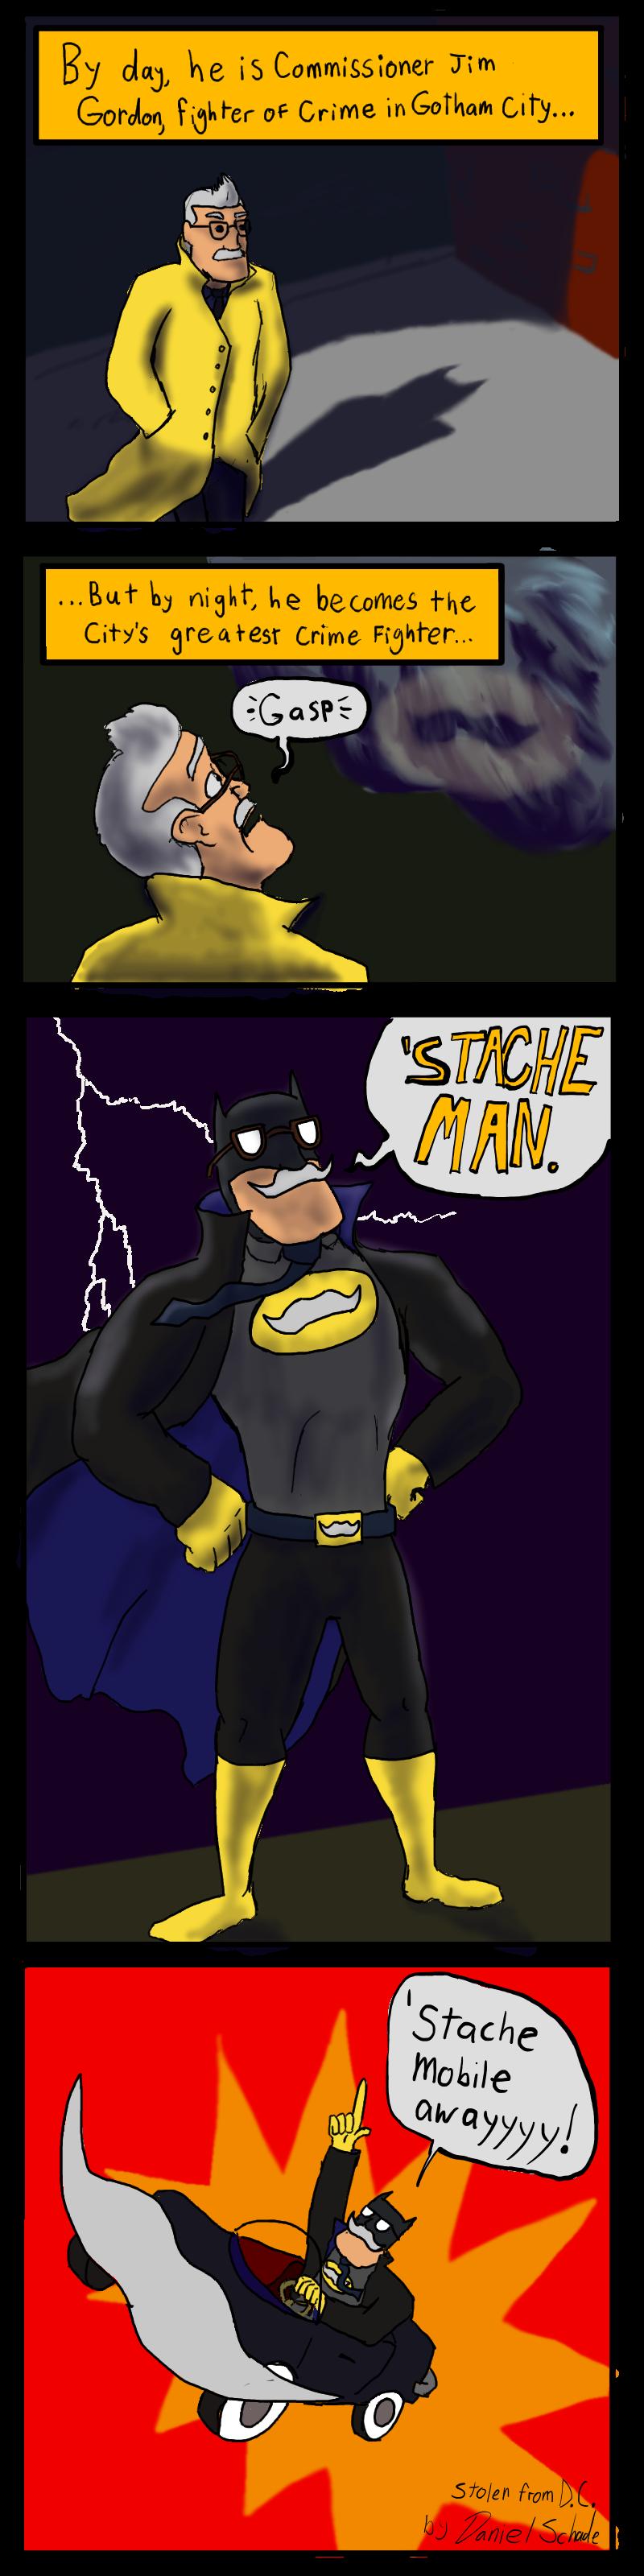 Commissioner Batman